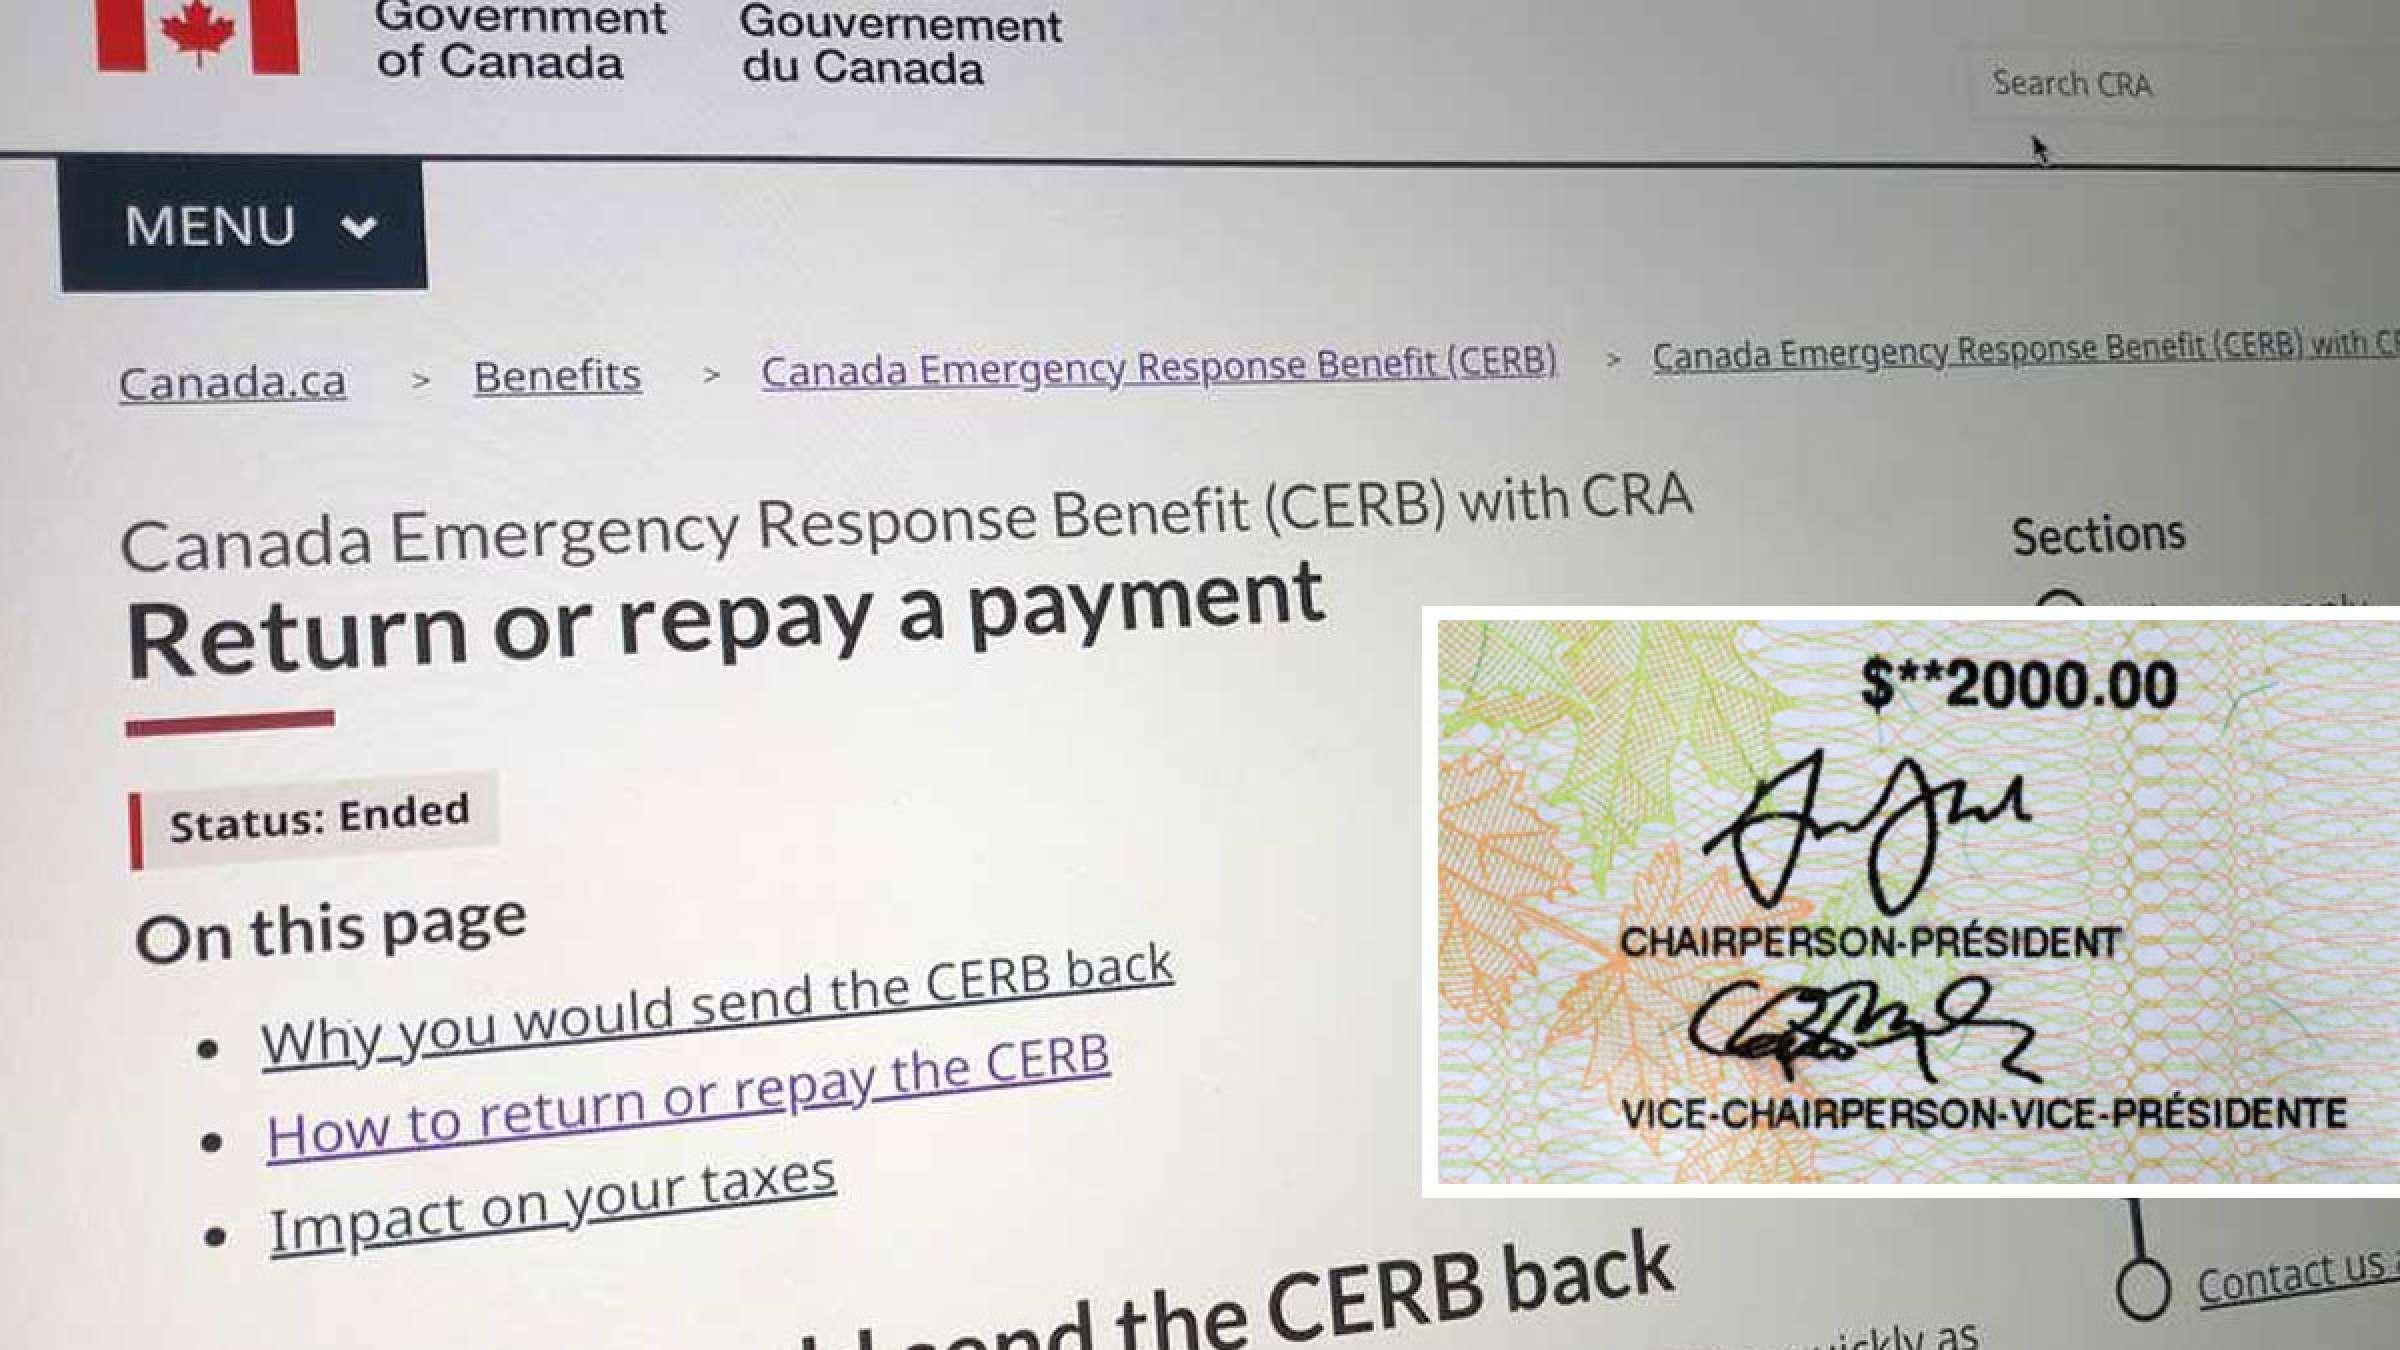 اخبار-کانادا-صدها-هزار-نامه-آموزشی-اداره-مالیات-به-کانادایی-ها-ماهانه-۲۰۰۰-دلار-را-تا-آخر-ماه-پس-دهید